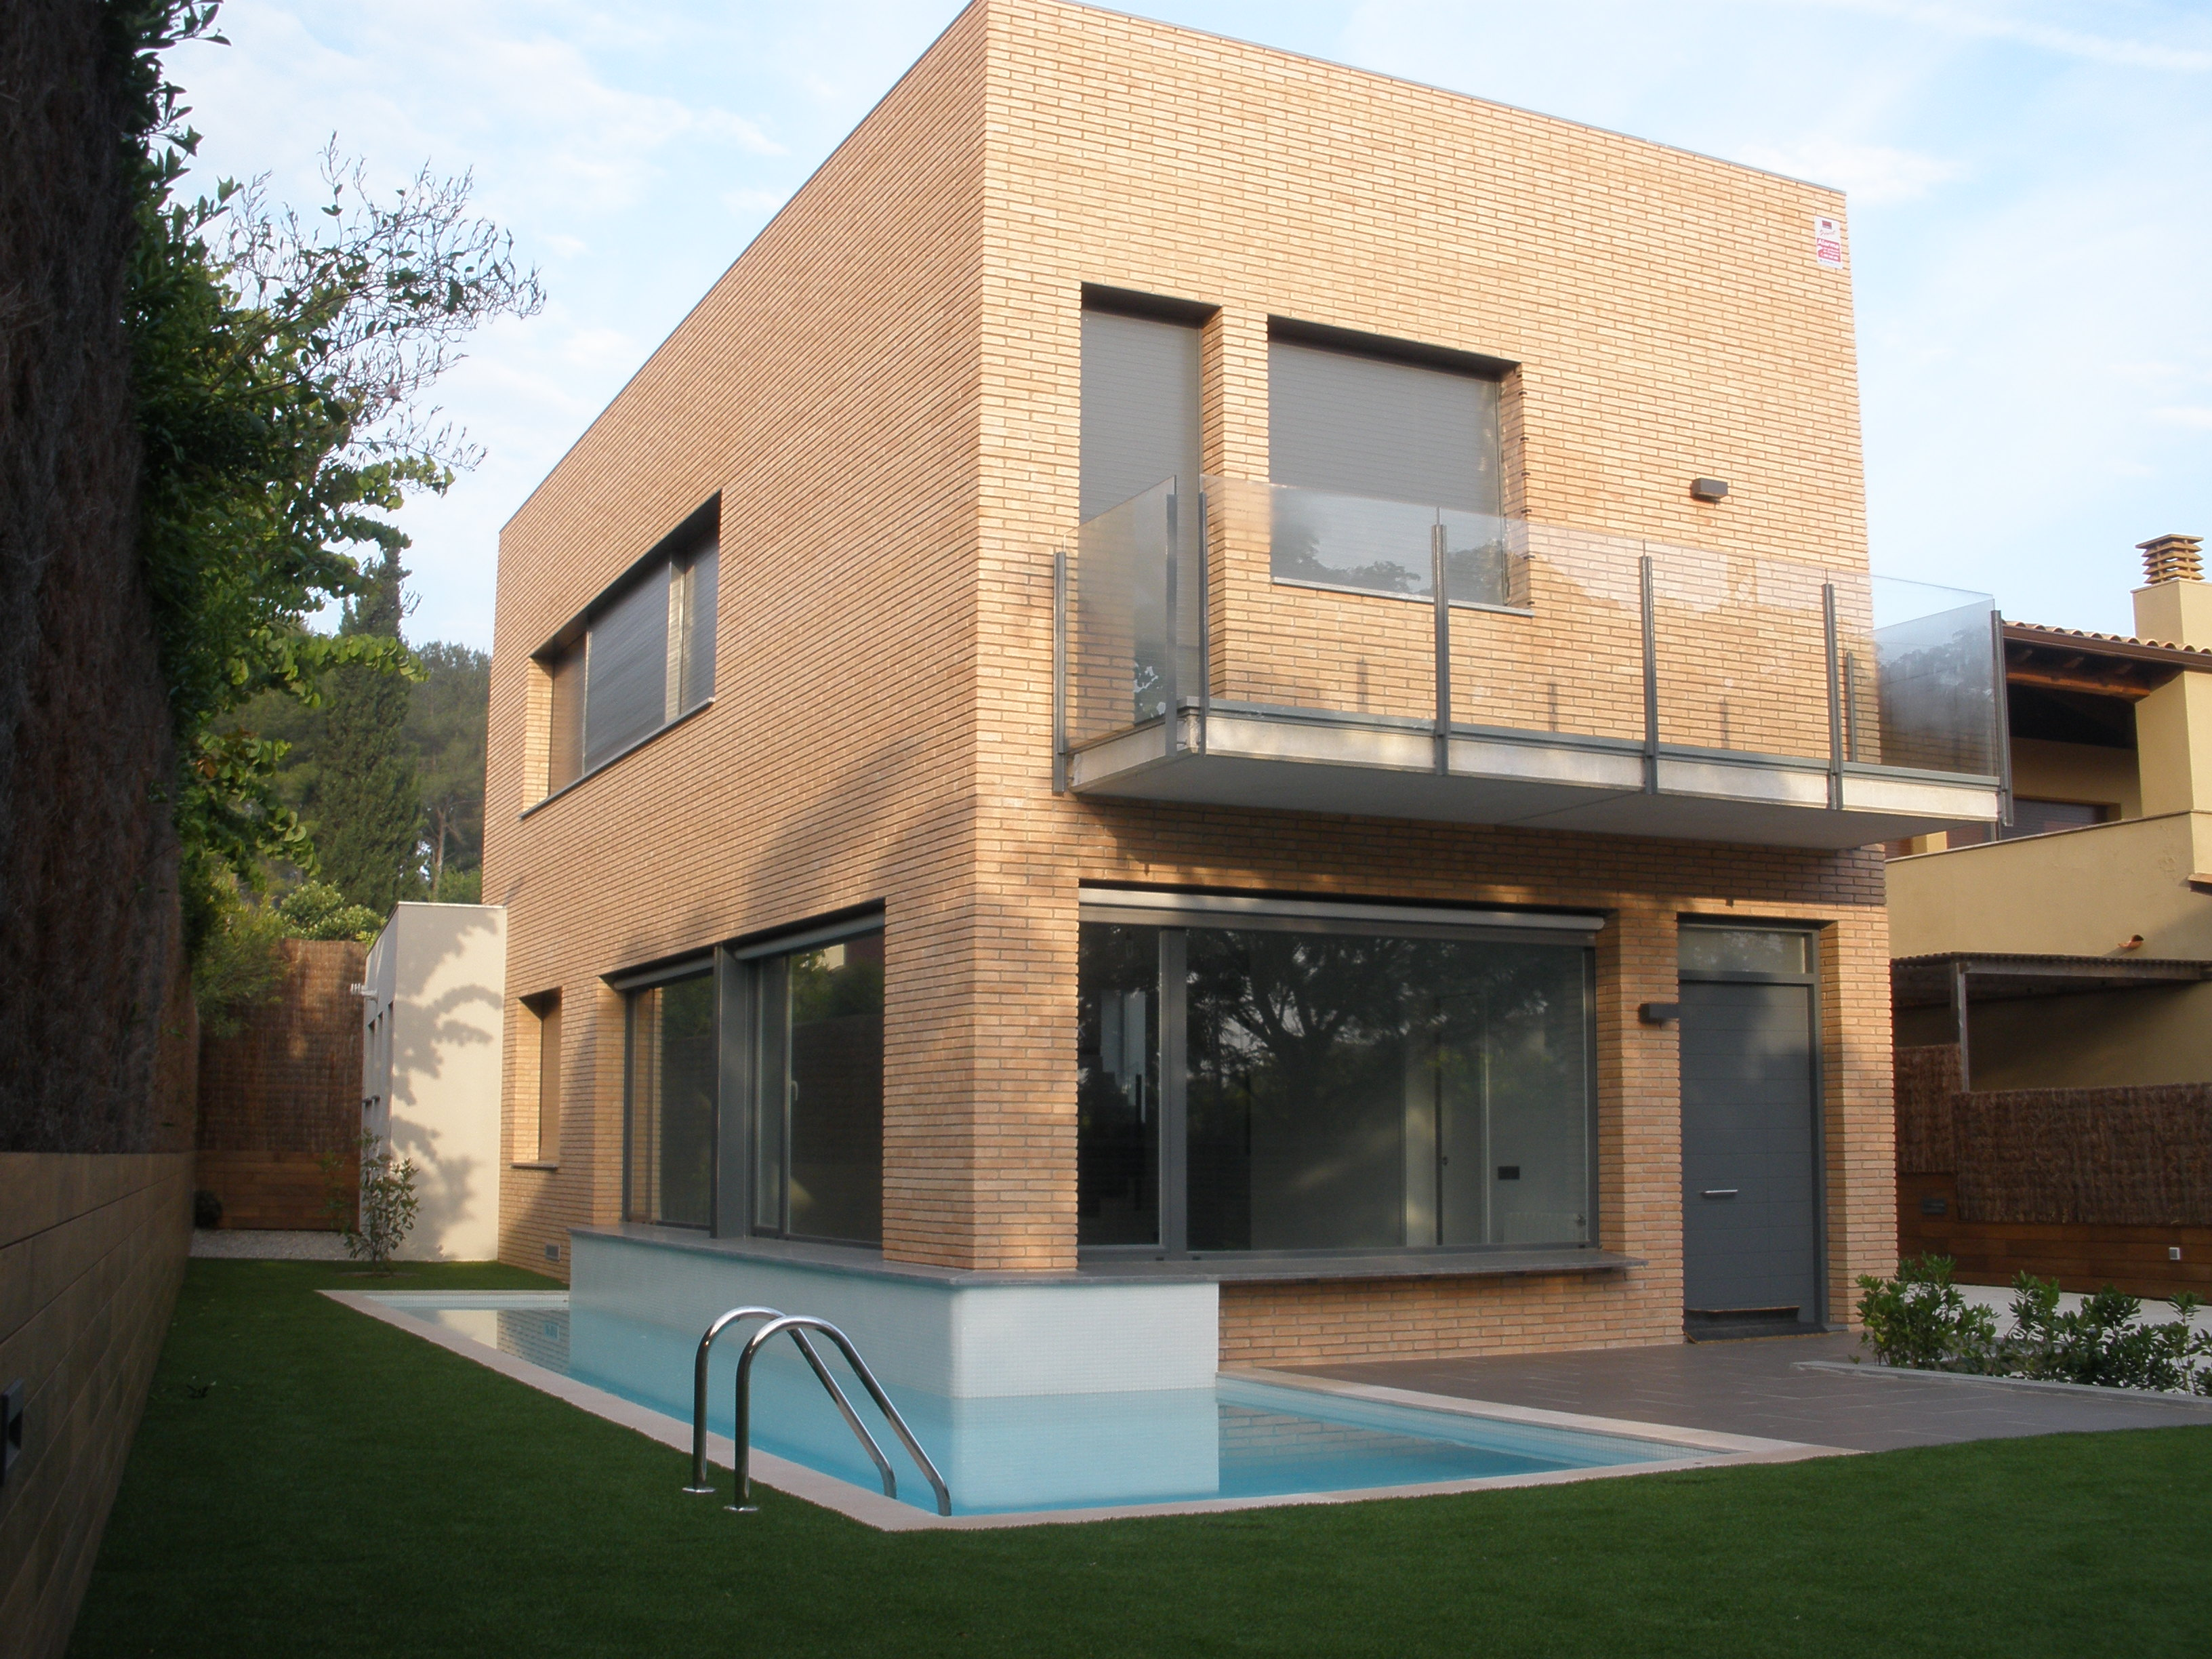 Ampliación de vivienda unifamiliar en Valldoreix.   Realizada con Eupalia SL. Manuel Abad Gurría y Laura Bastida Forns.